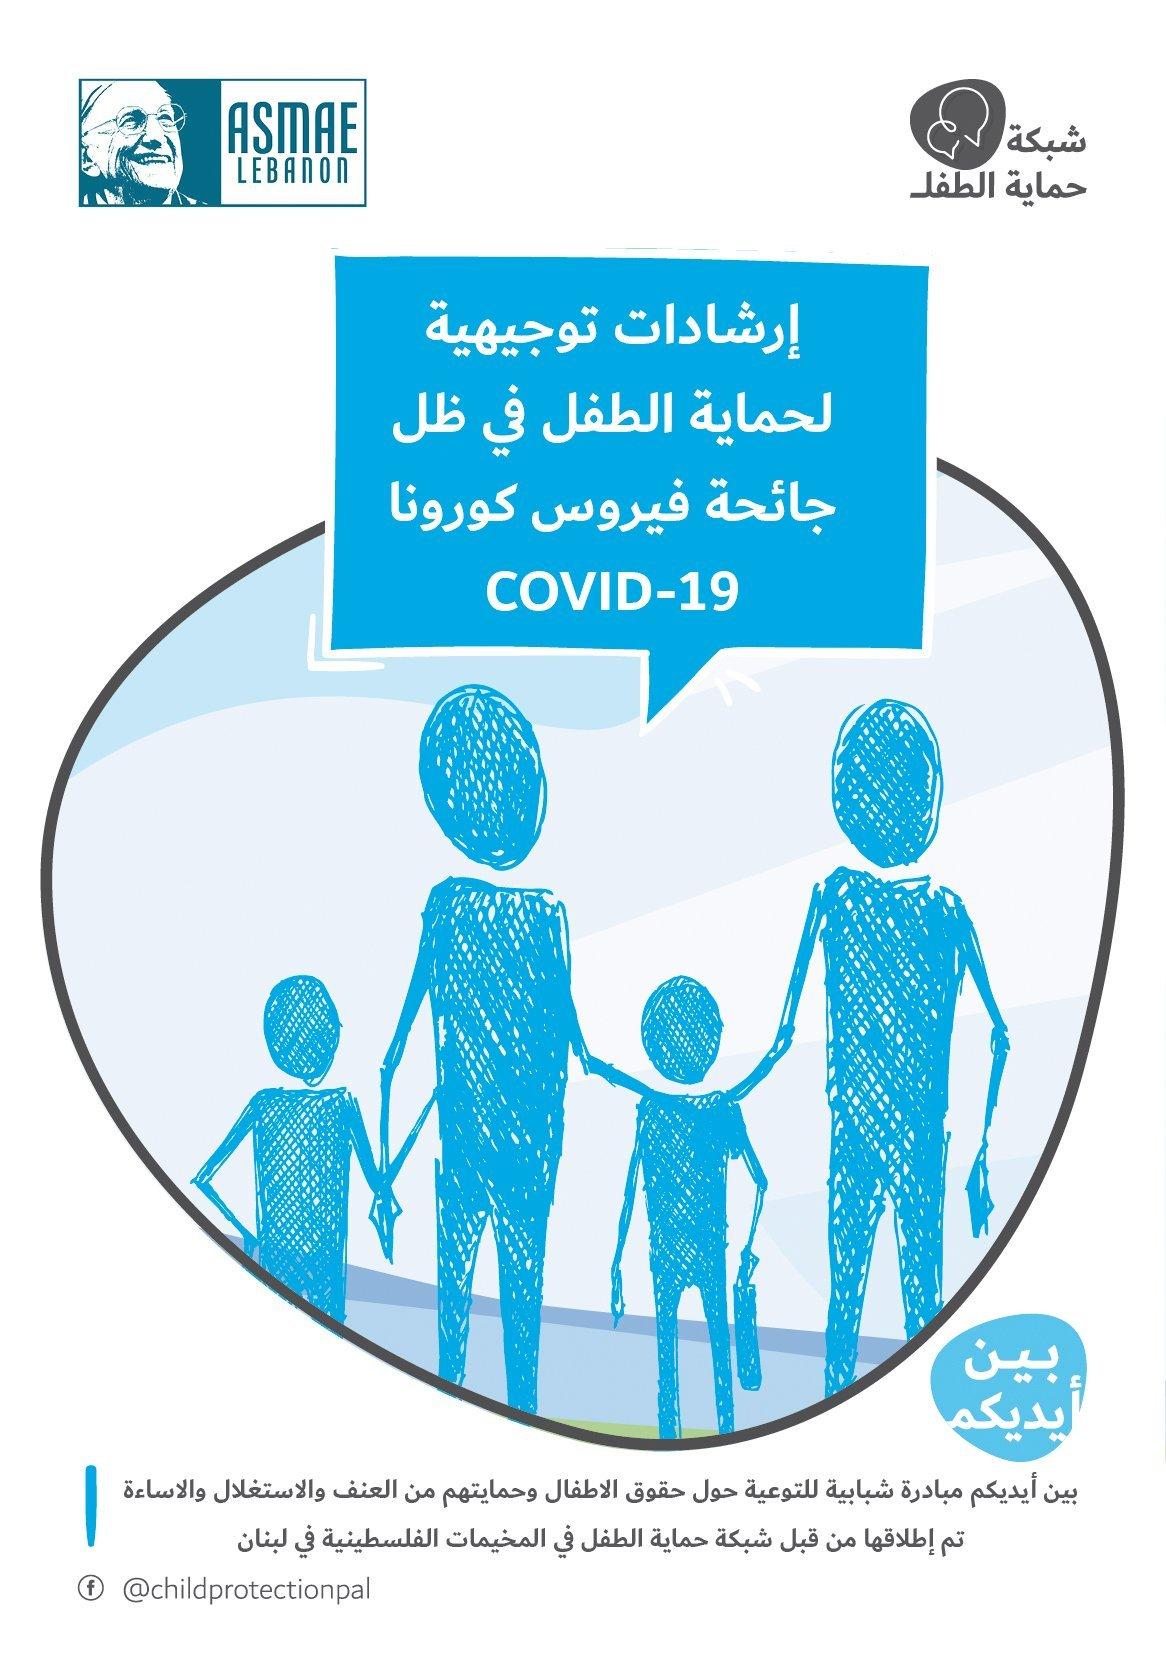 بين ايديك إرشادات توجيهية لحماية الطفل في ظل جائحة فيروس كورونا (كوفيد- 19)